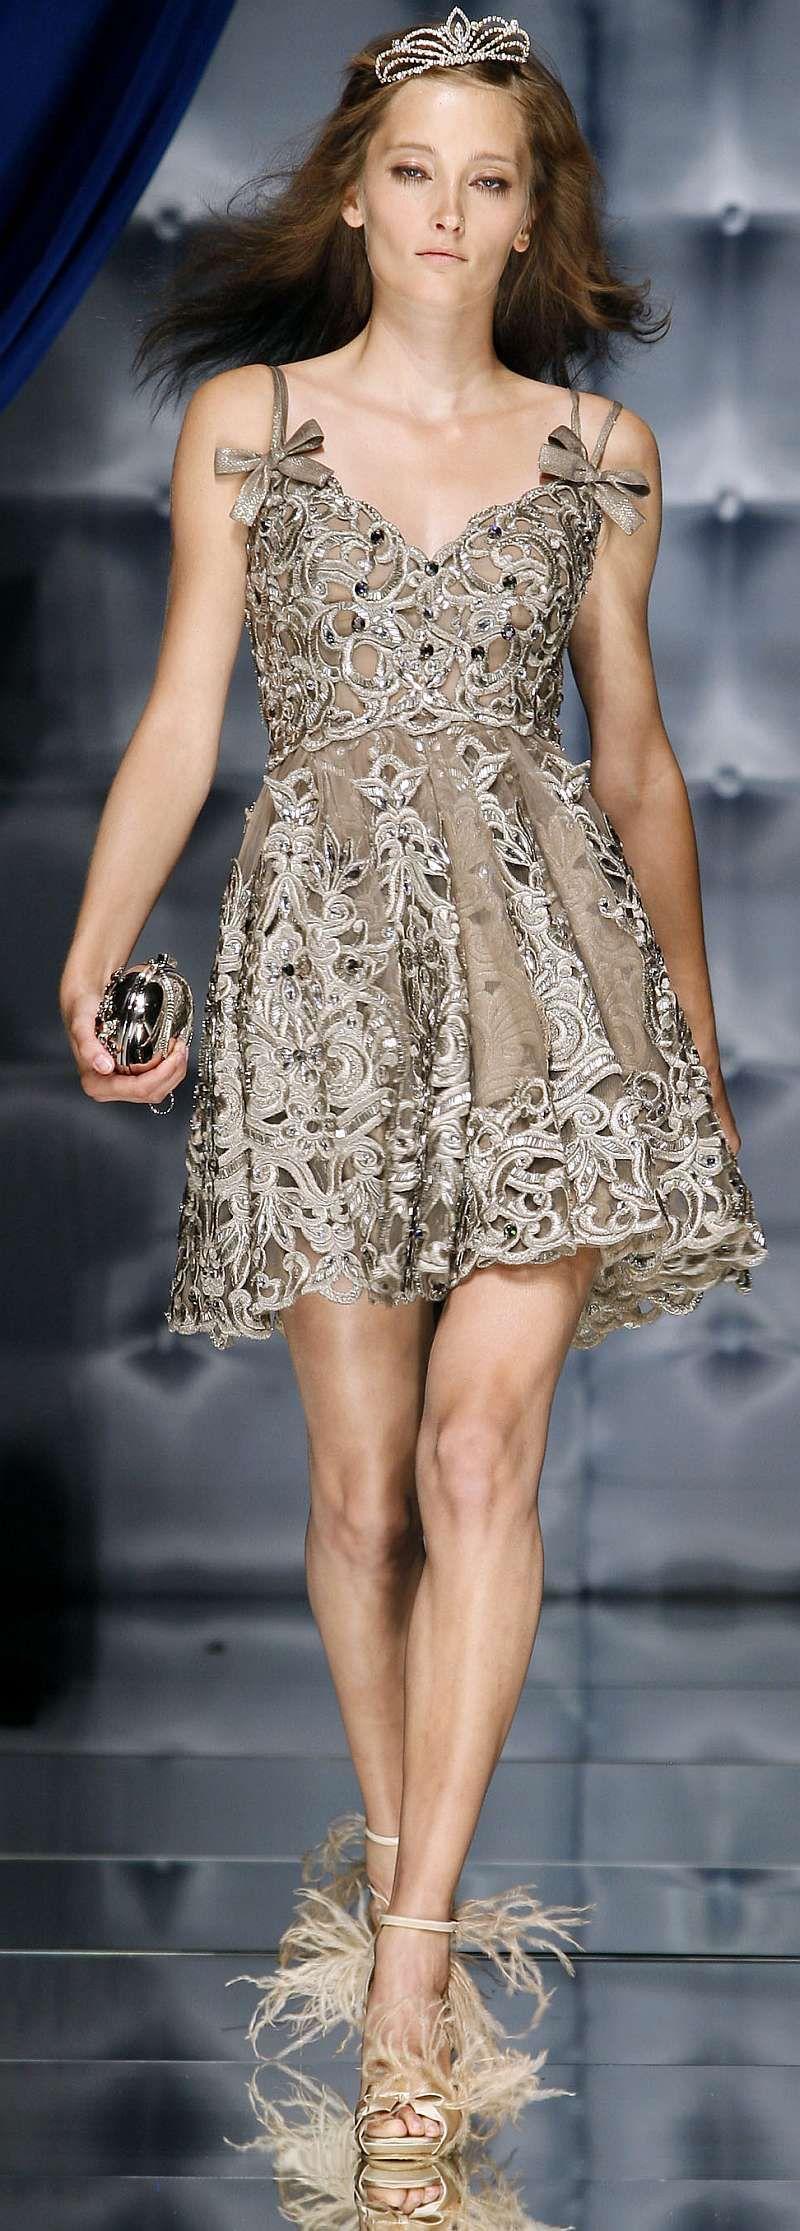 Zuhair Murad Haute Couture Autumn/Fall 2010 - Blair Waldorf Dress ...